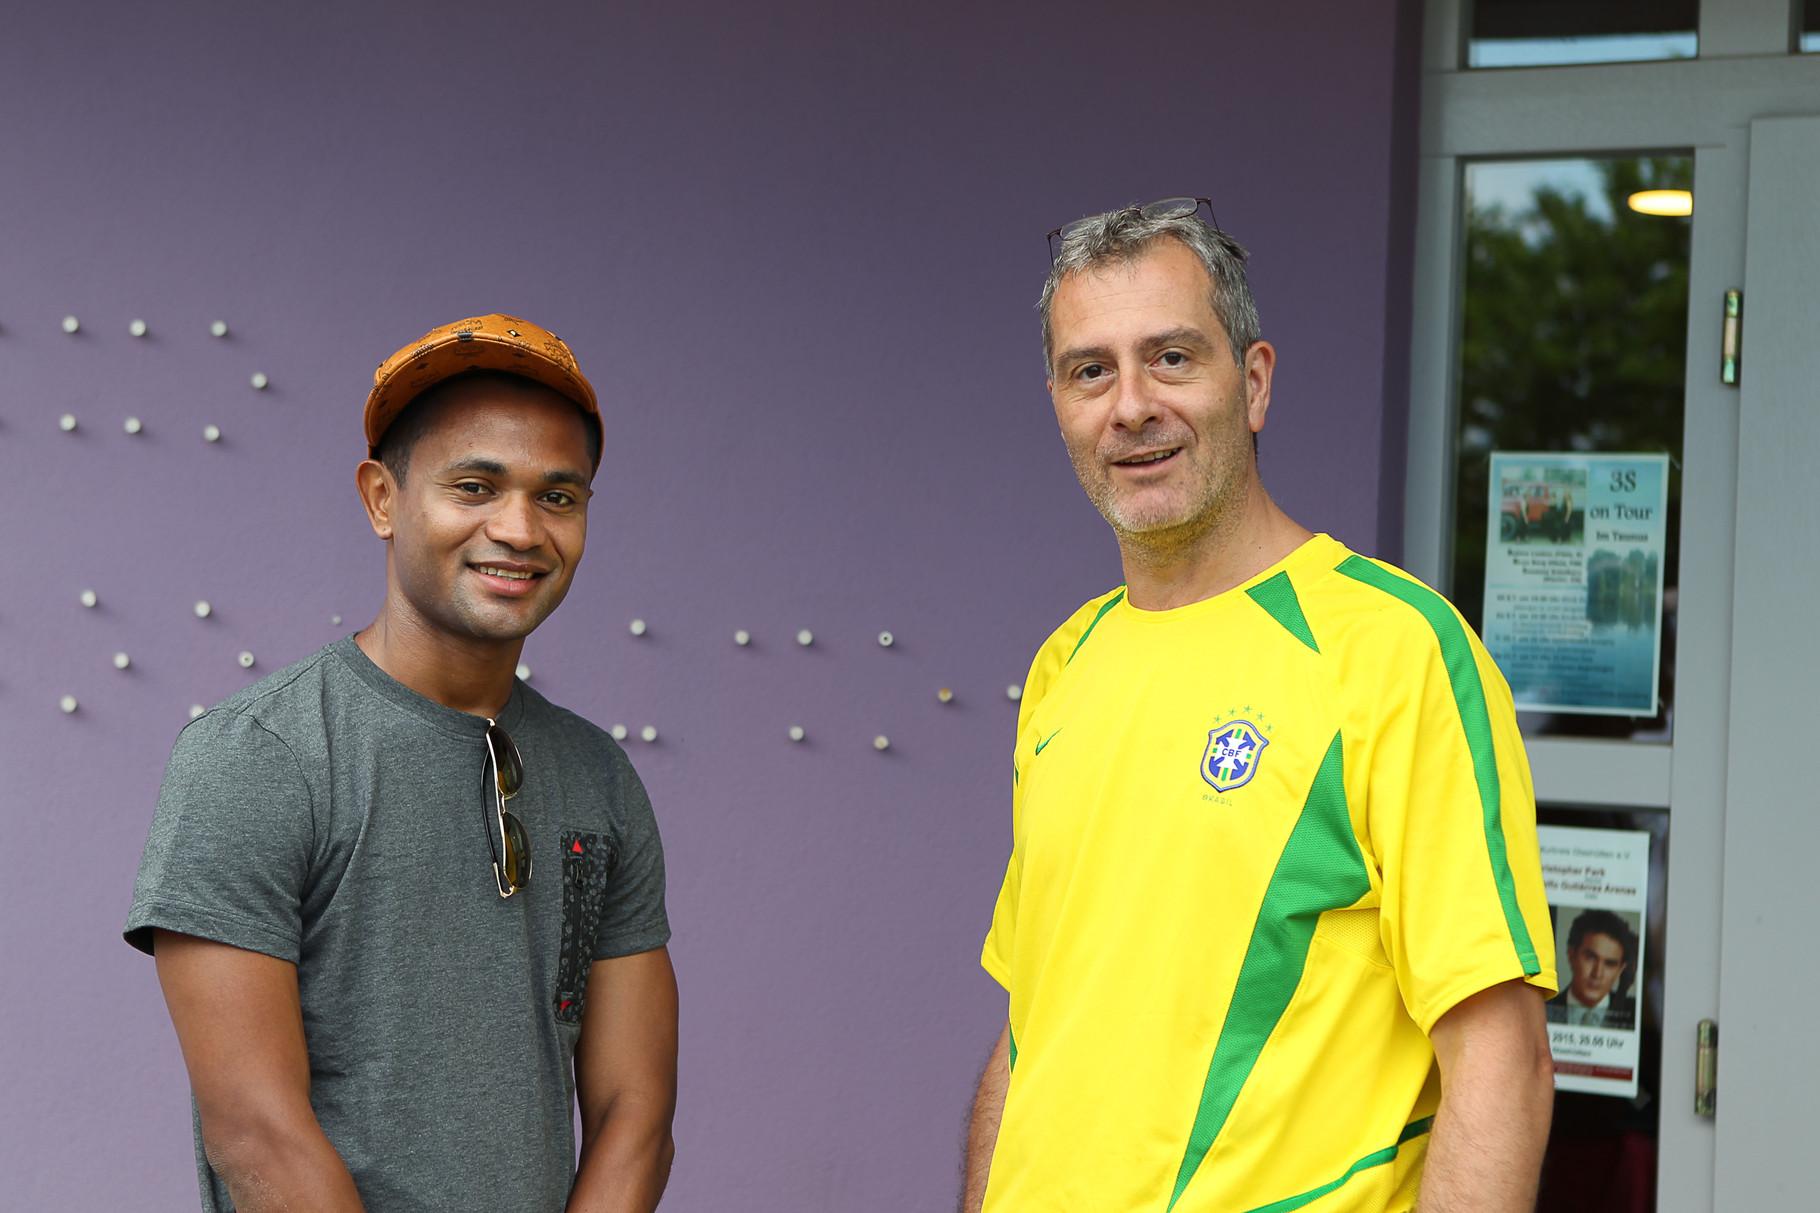 Projektbotschafter Rafael Caetano de Araújo von Borussia MG mit Stefan H., 1. Vorsitzender Tor zur Hoffnung e. V.